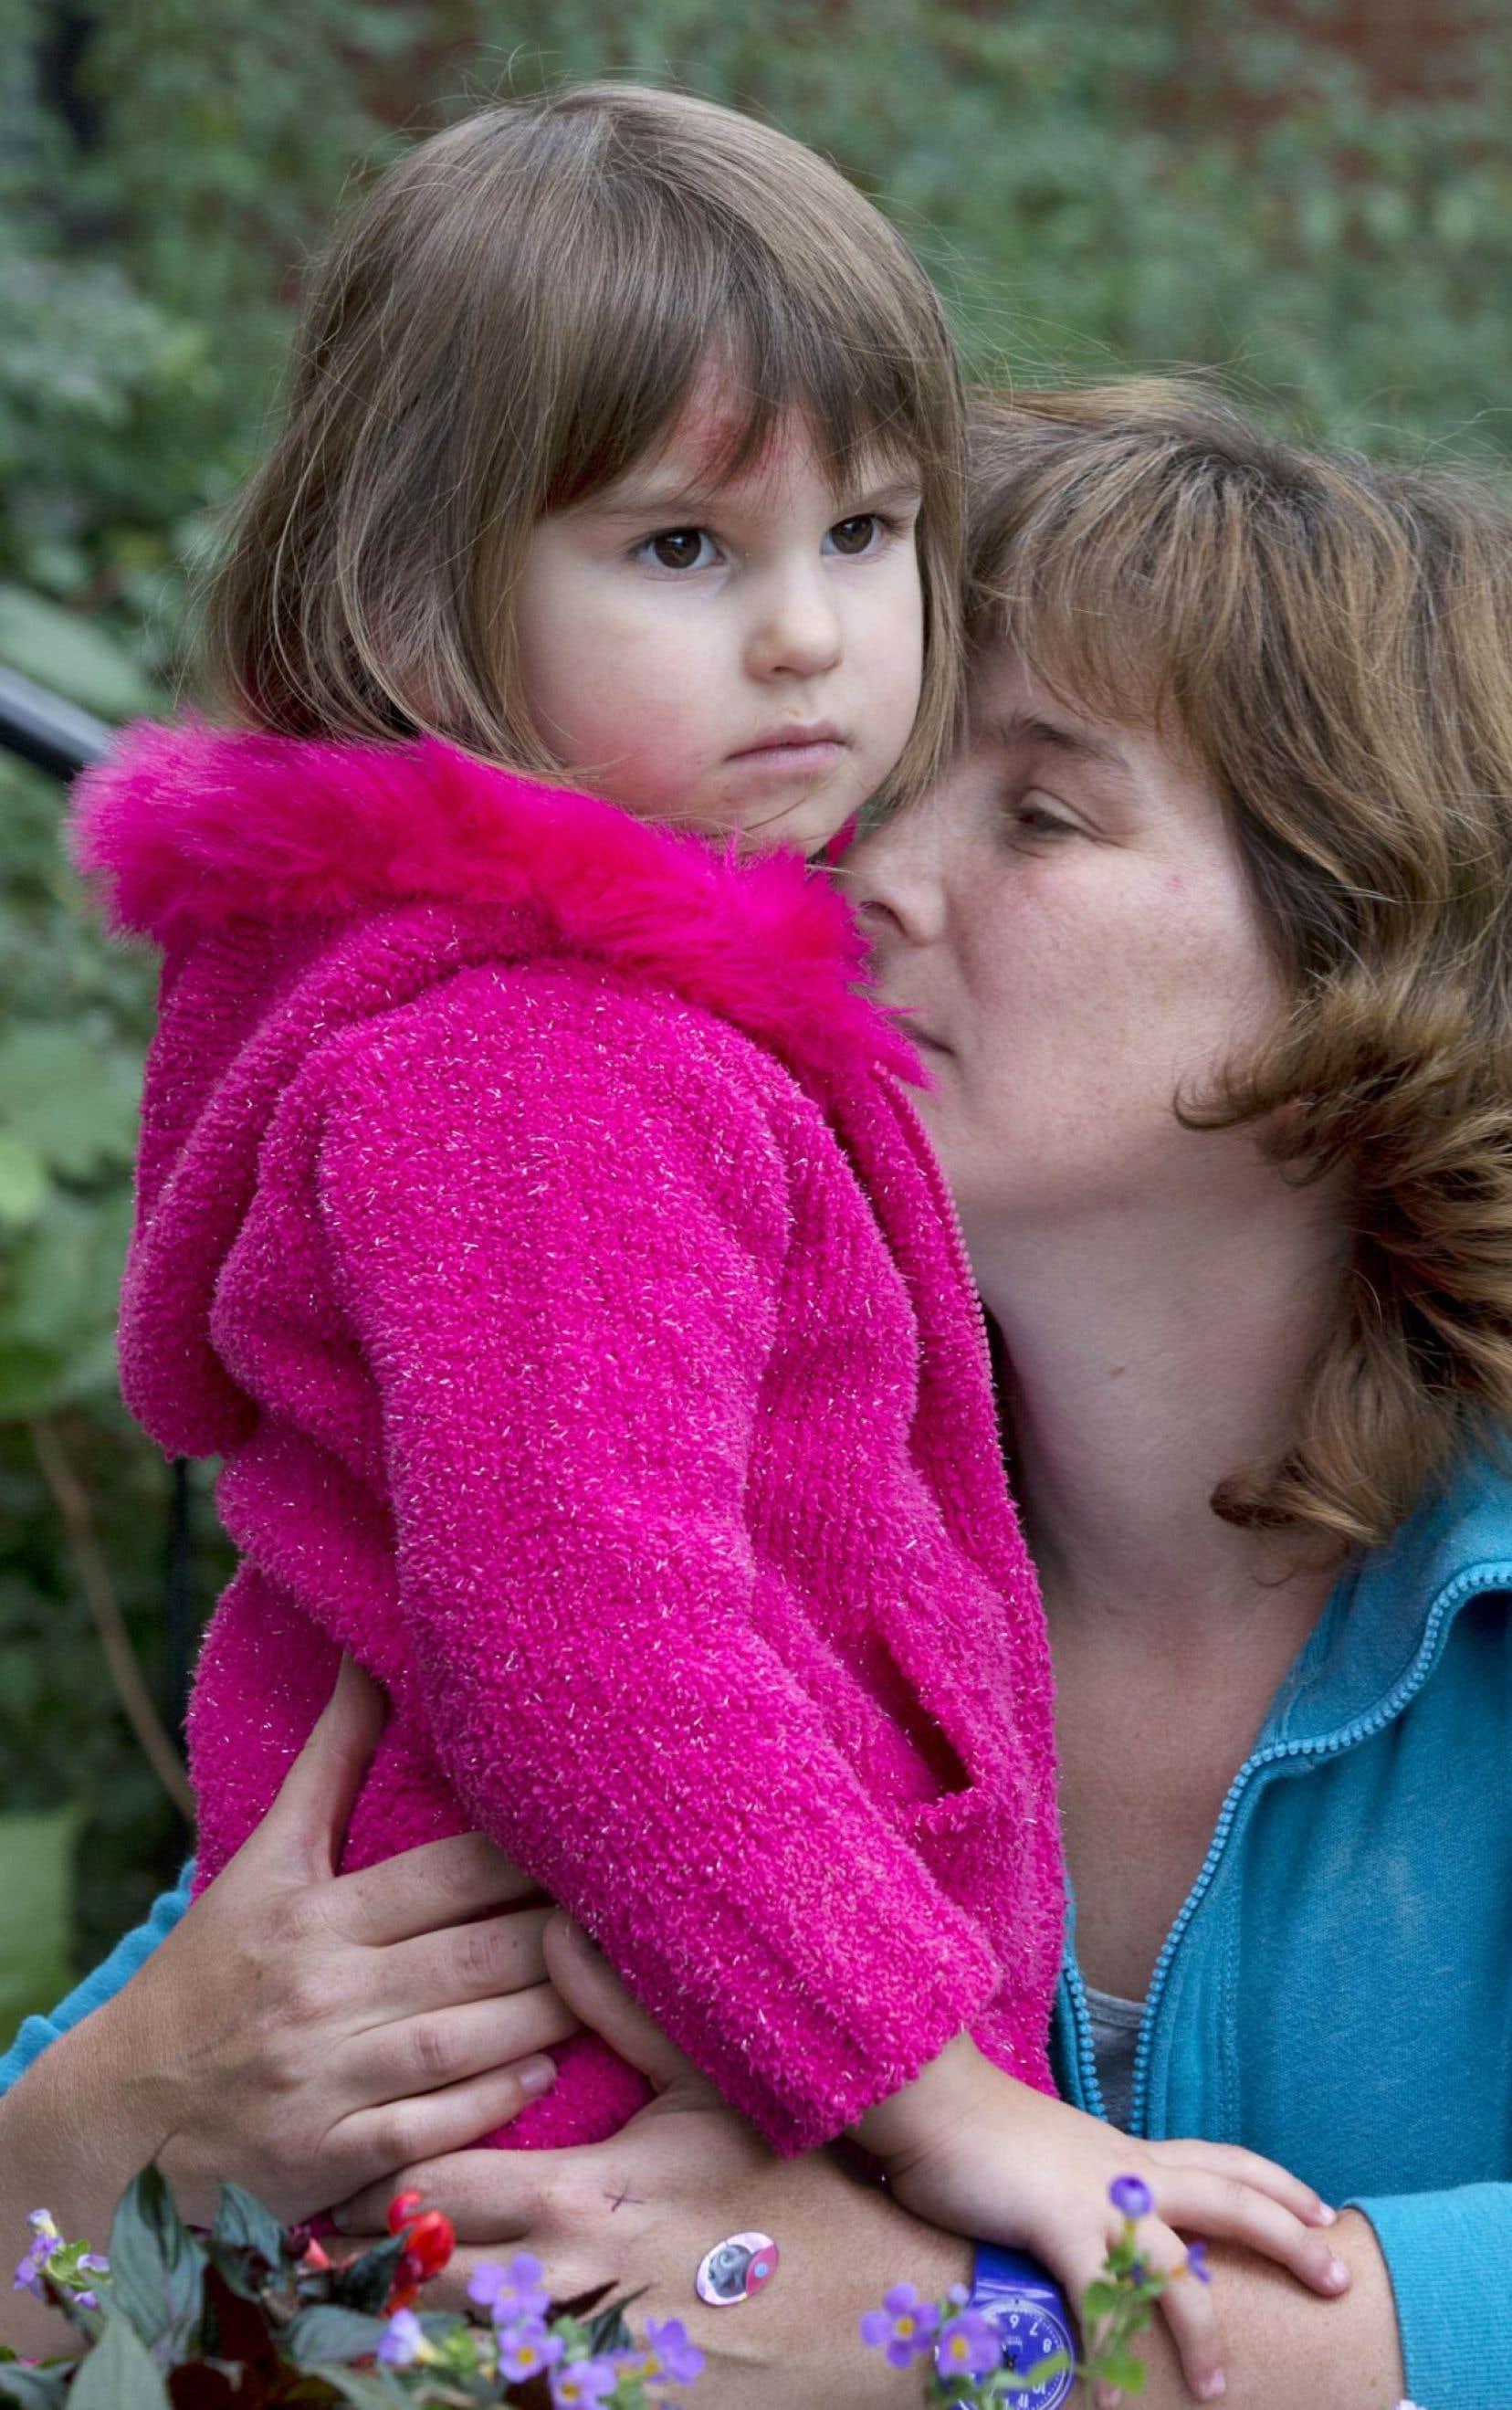 Véronique Shapiro et sa fille, qui a été blessée au front lors de l'incident.